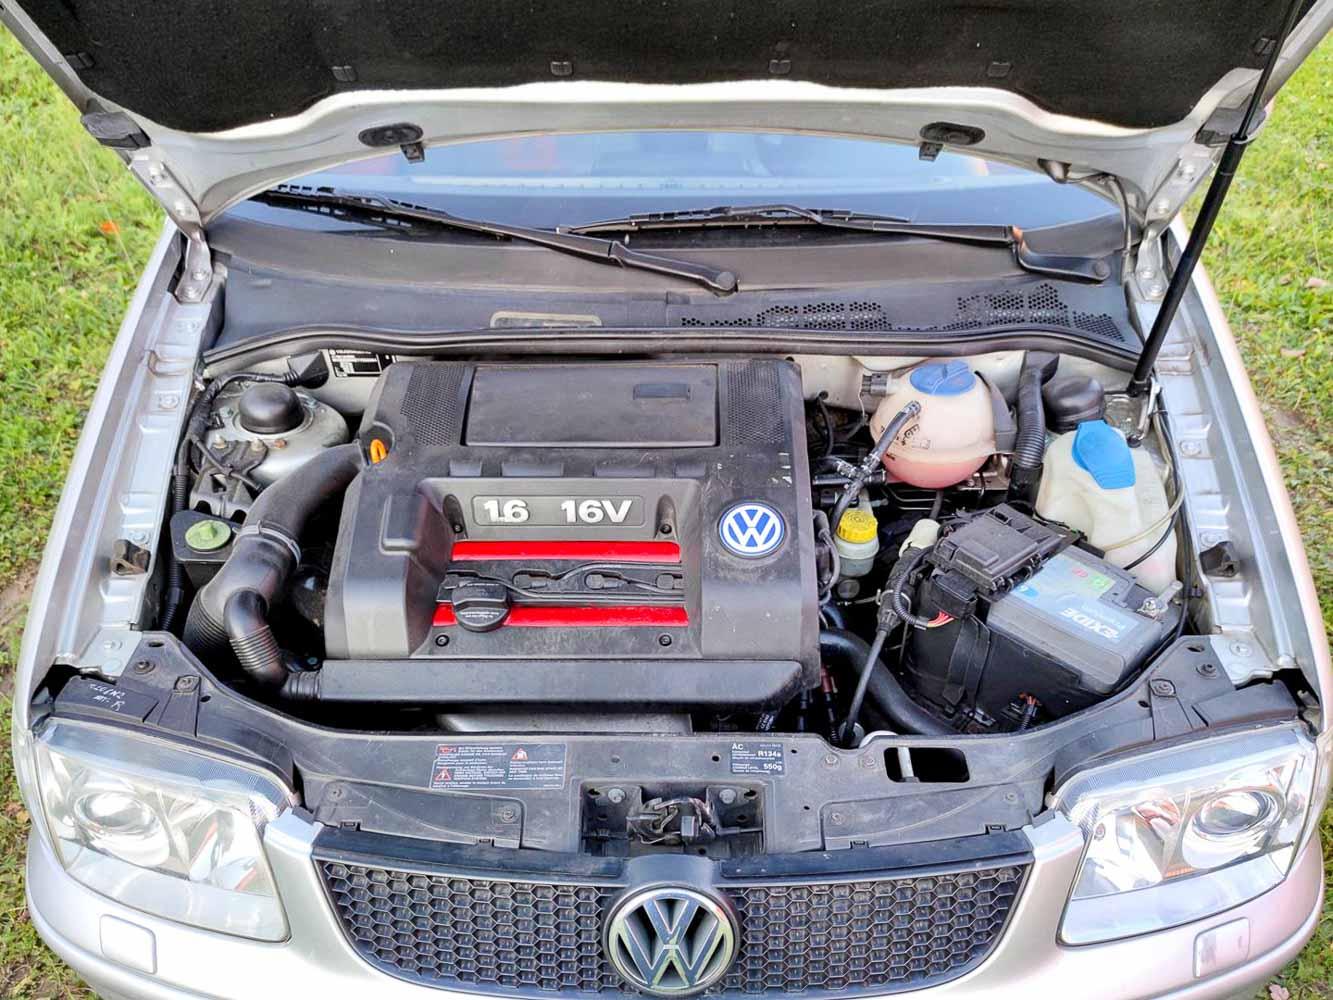 VW Polo GTi 1.6 16v motor